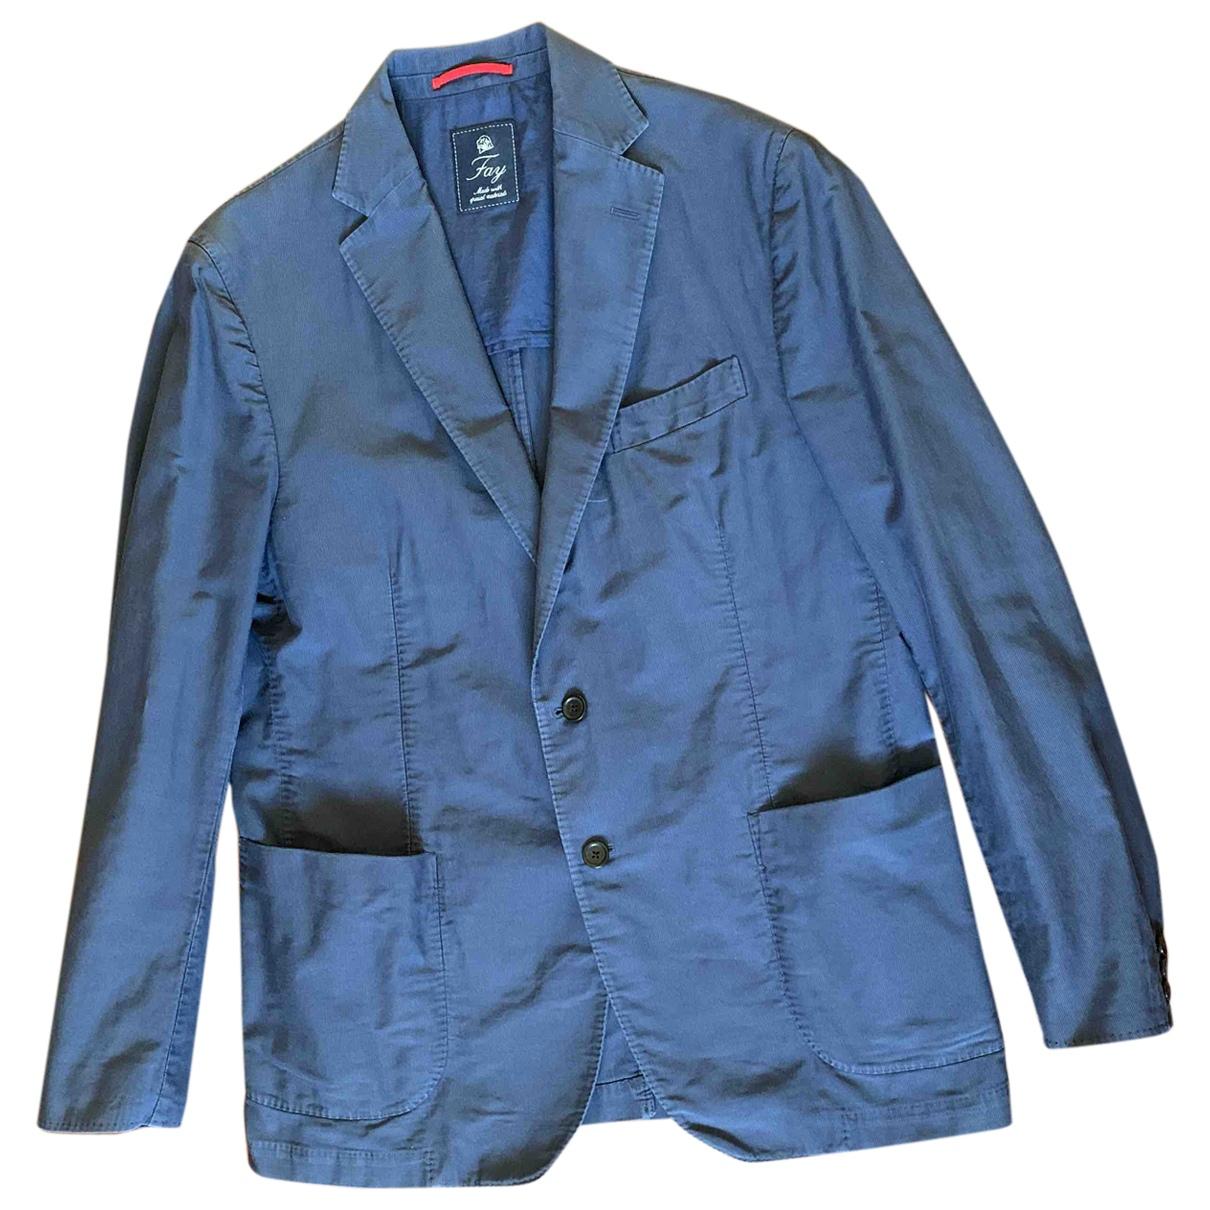 Fay - Vestes.Blousons   pour homme en coton - bleu